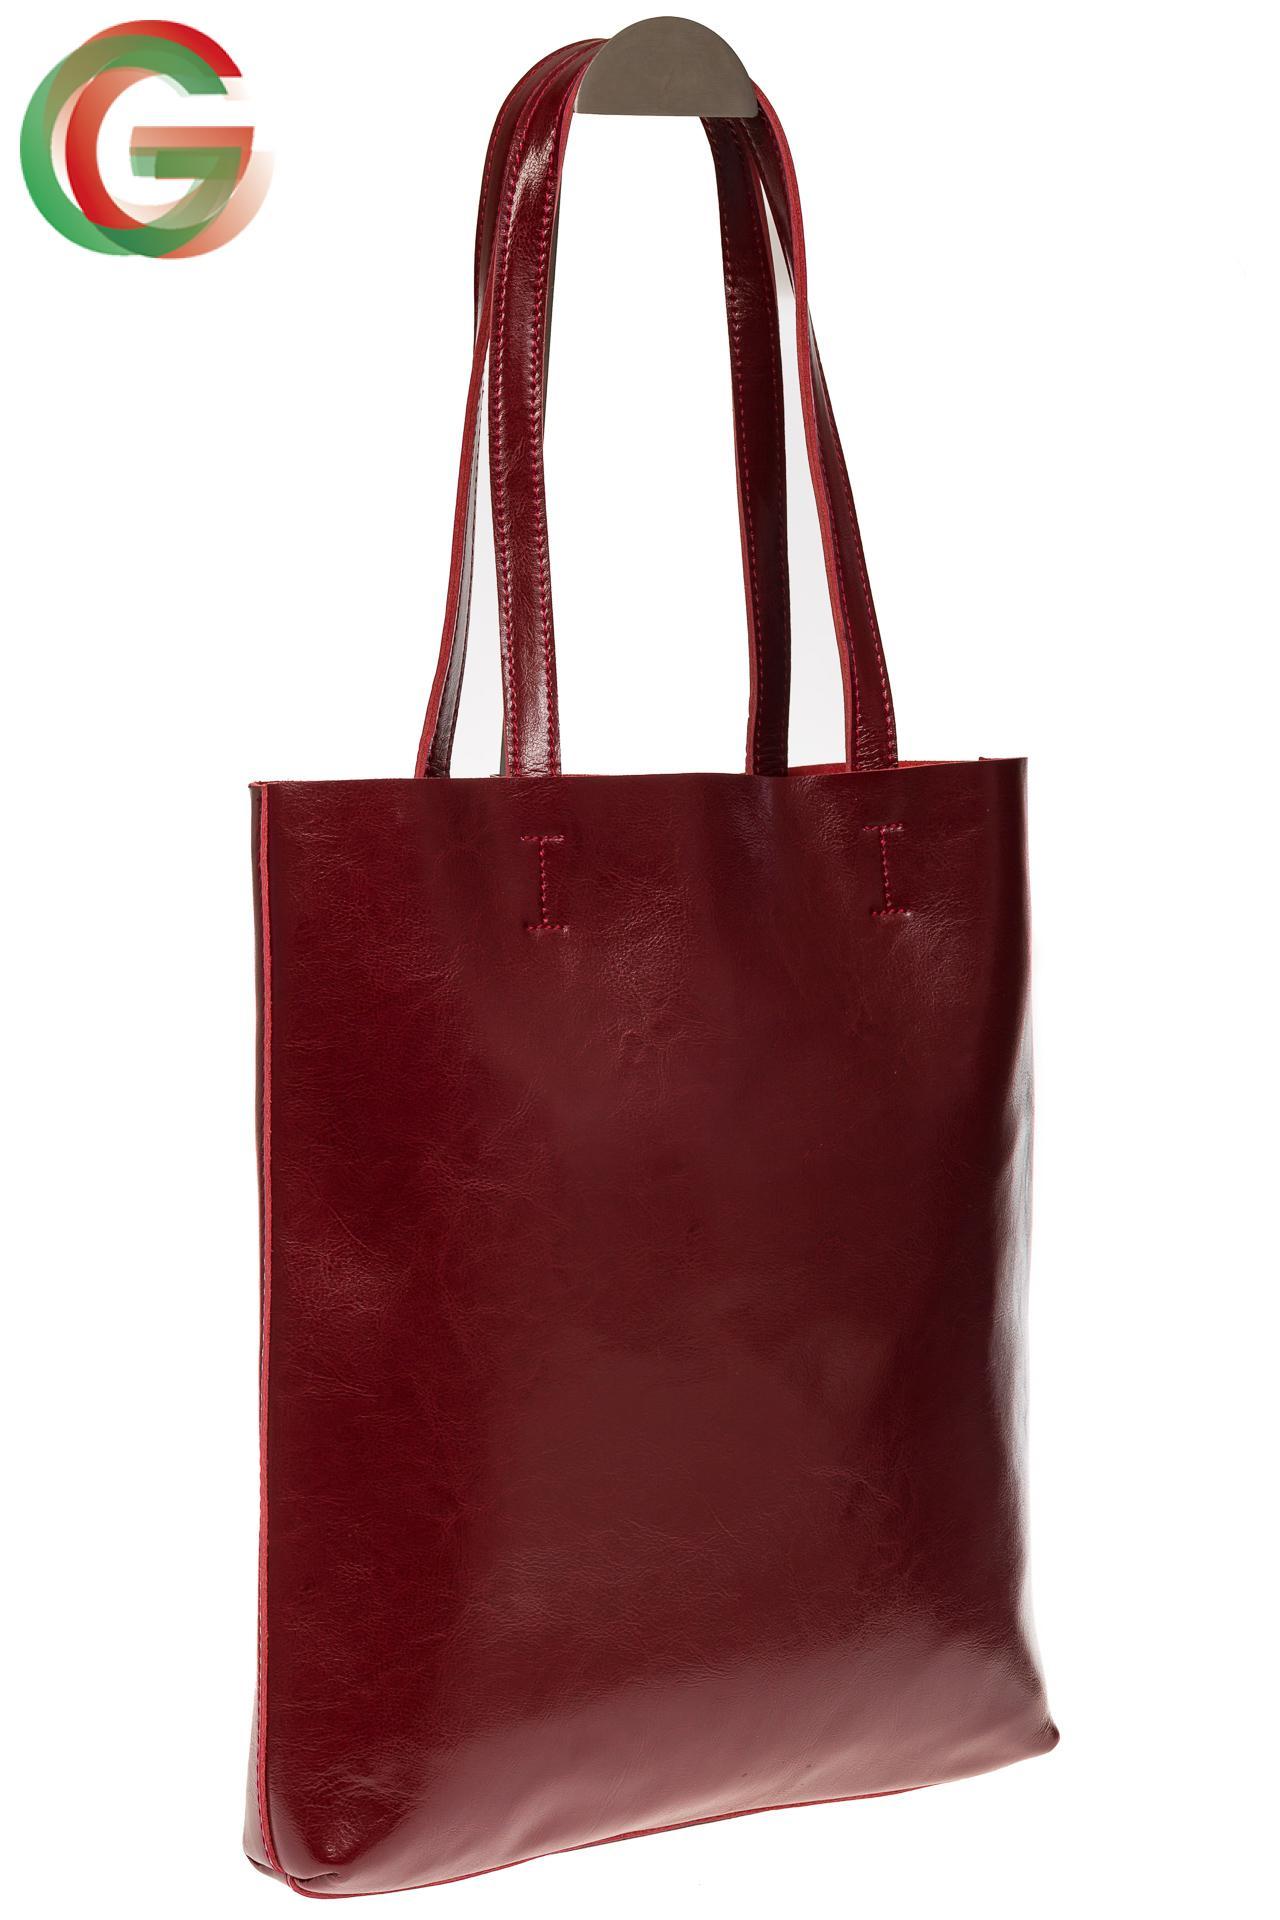 07e246ab6f73 Кожа, пластик и камни – из чего делают модные сумки-пакеты